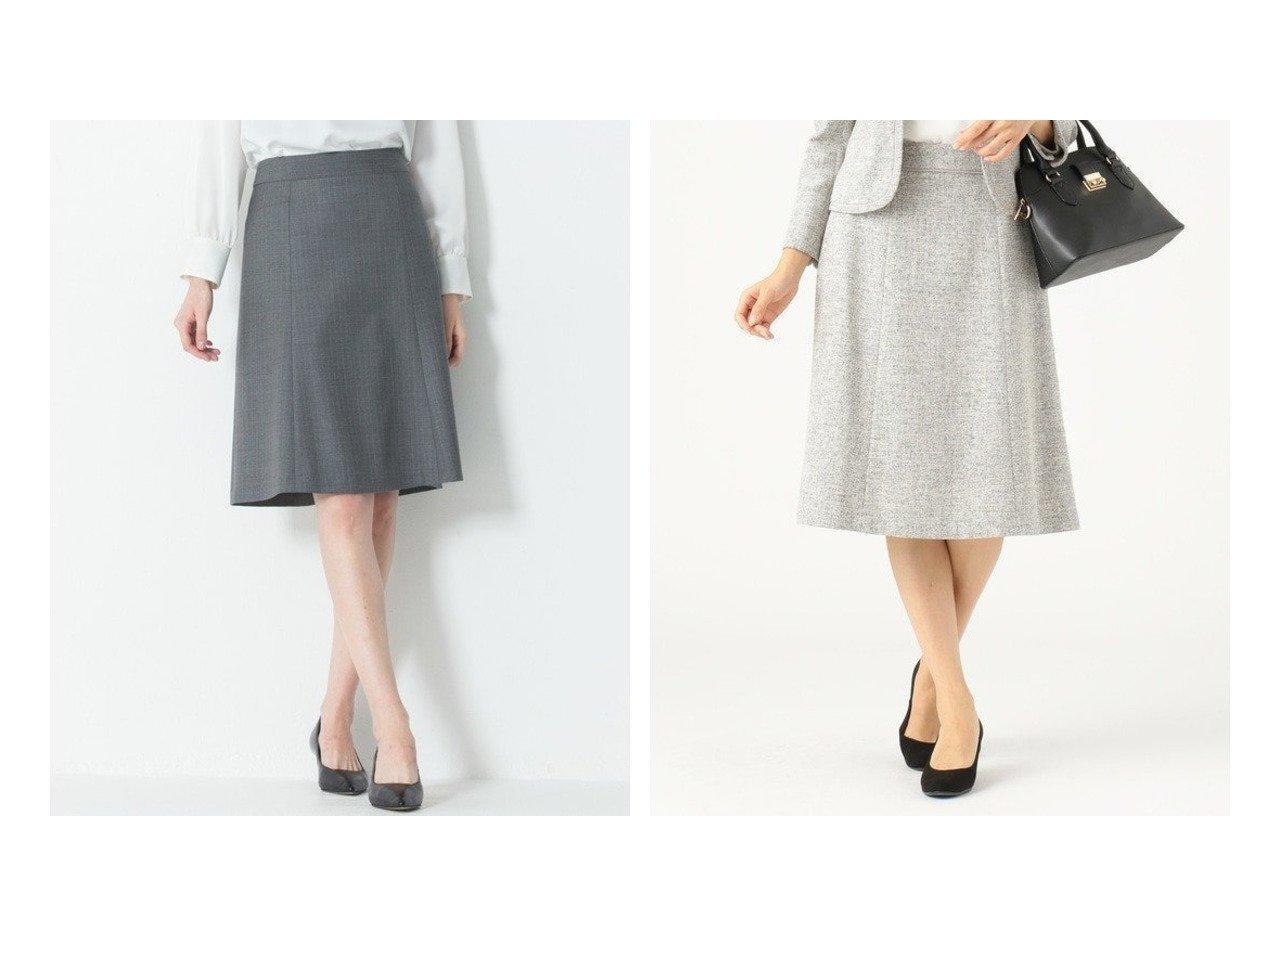 【any SiS/エニィ スィス】の【セットアップ対応】ミニライトボーダー スカート&【NIJYUSANKU/23区】の【セットアップ対応】ファインネスウール フレアスカート スカートのおすすめ!人気、レディースファッションの通販  おすすめで人気のファッション通販商品 インテリア・家具・キッズファッション・メンズファッション・レディースファッション・服の通販 founy(ファニー) https://founy.com/ ファッション Fashion レディース WOMEN セットアップ Setup スカート Skirt スカート Skirt Aライン/フレアスカート Flared A-Line Skirts ジャケット ストレッチ スーツ セットアップ テーラード 定番 フレア マーメイド シンプル ツイード フェミニン ベーシック ミックス |ID:crp329100000004060